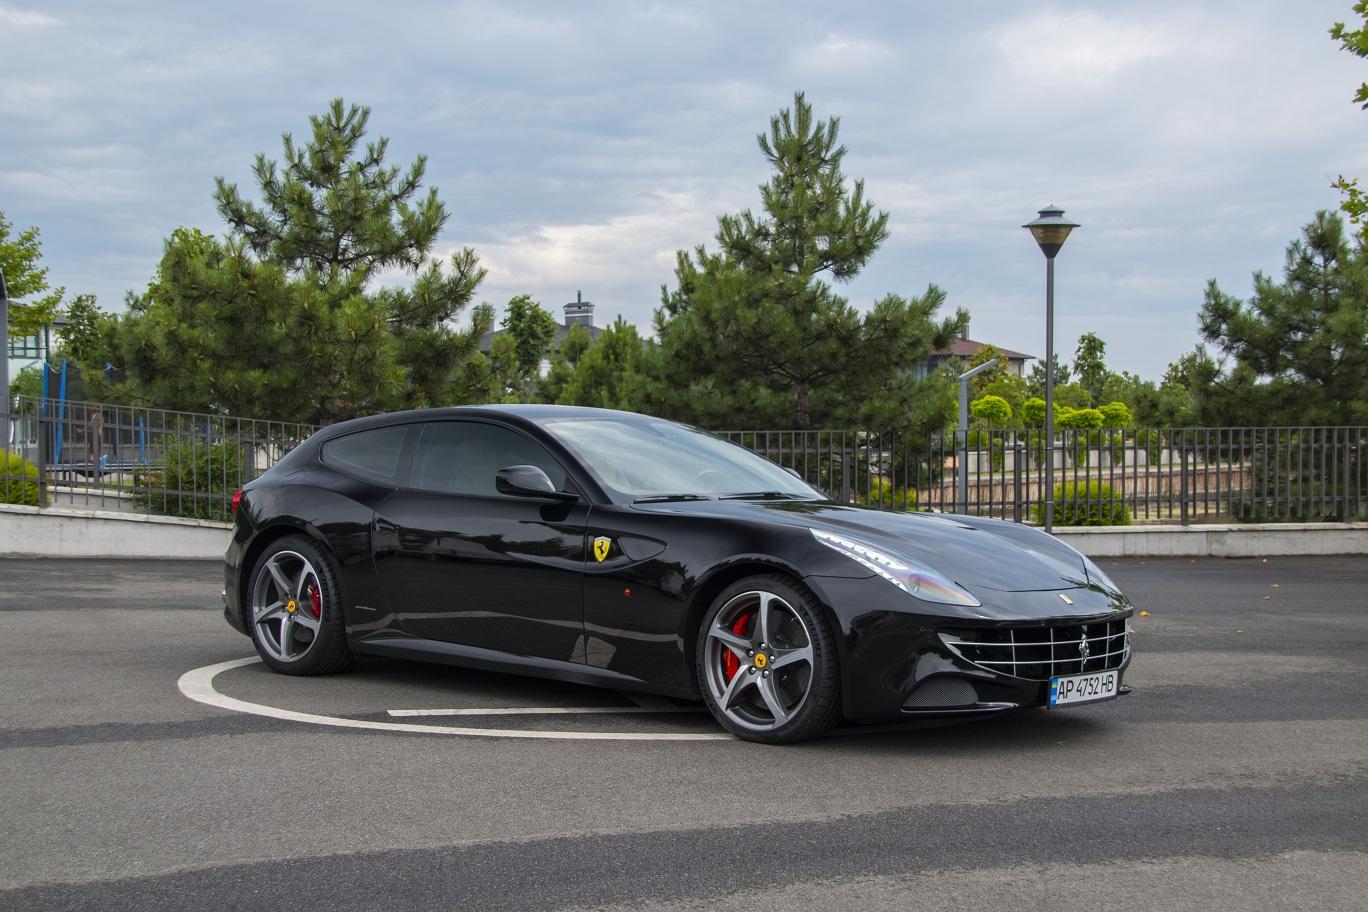 cabriolet, sports car rental in Kiev Ferrari FF (5)